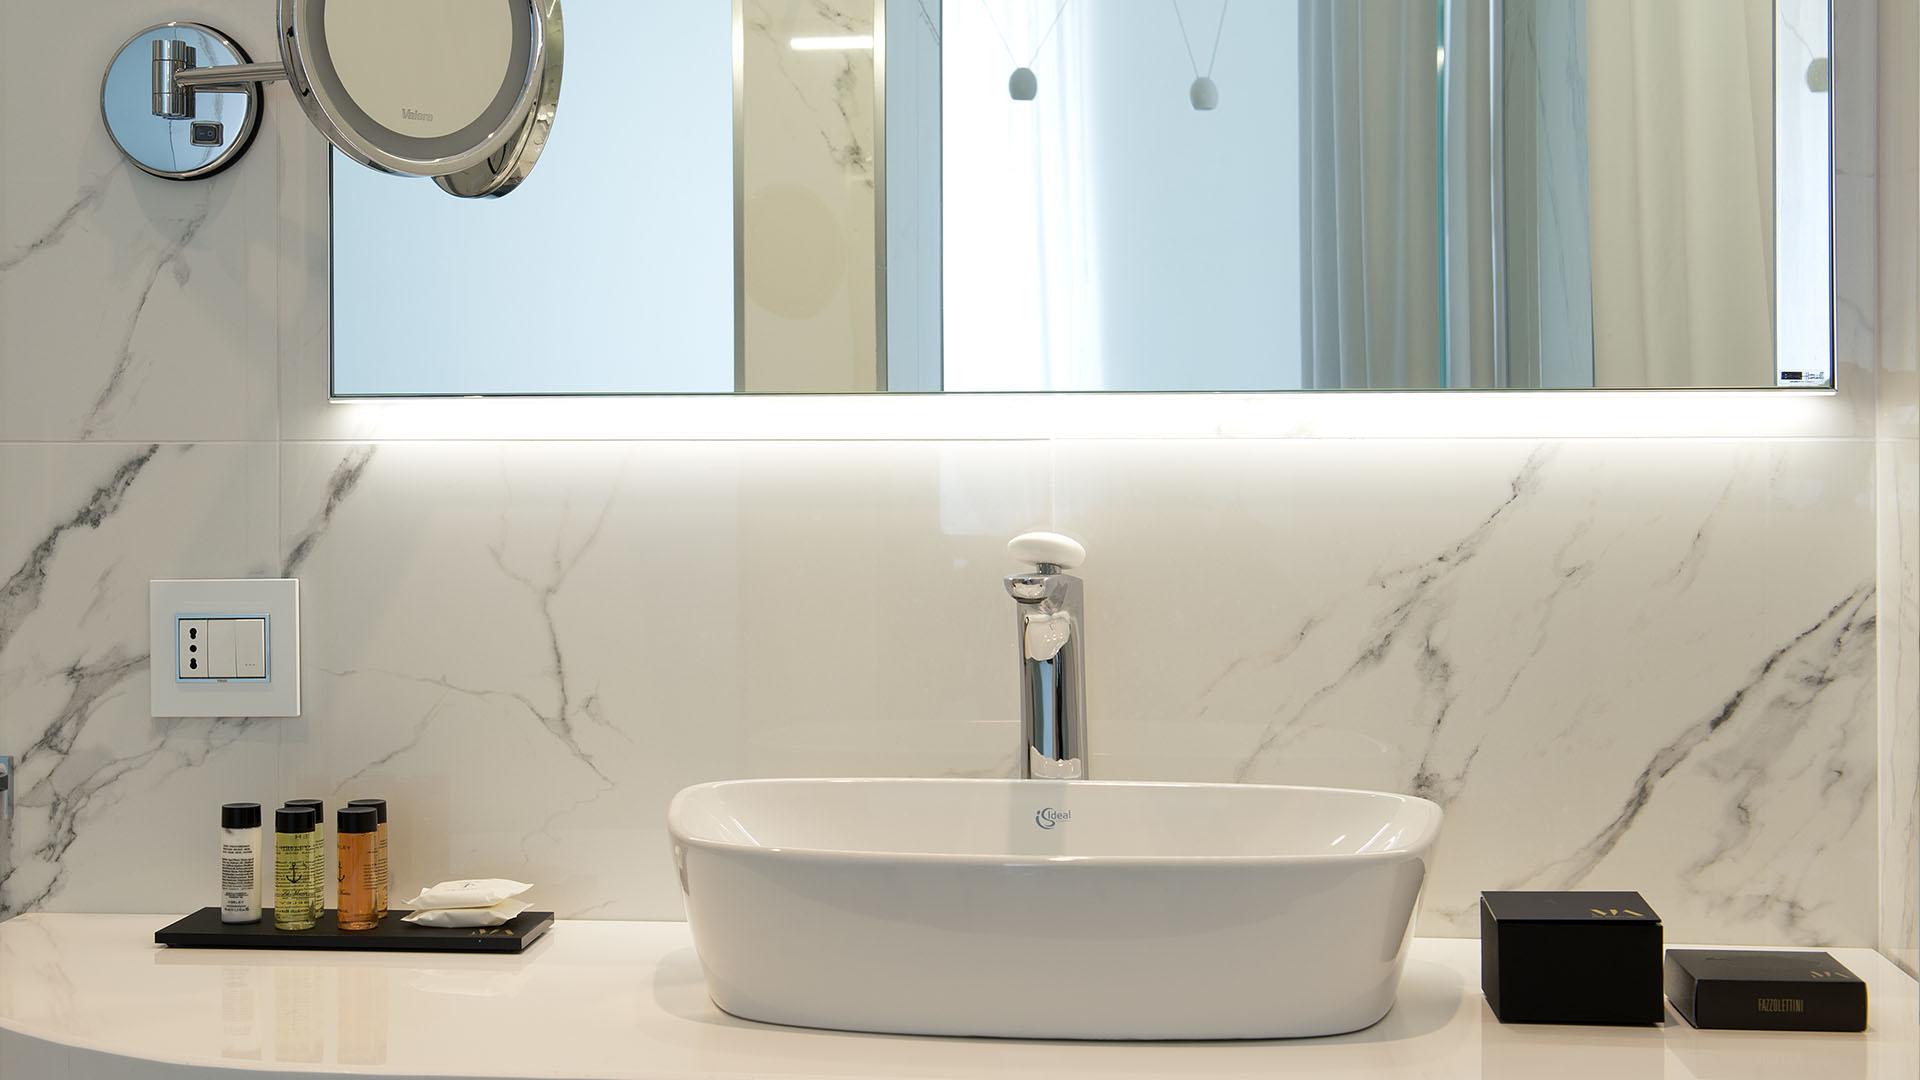 Mia Aparthotel Milano - Appartamento Enjoy - Appartamento Design - Bagno